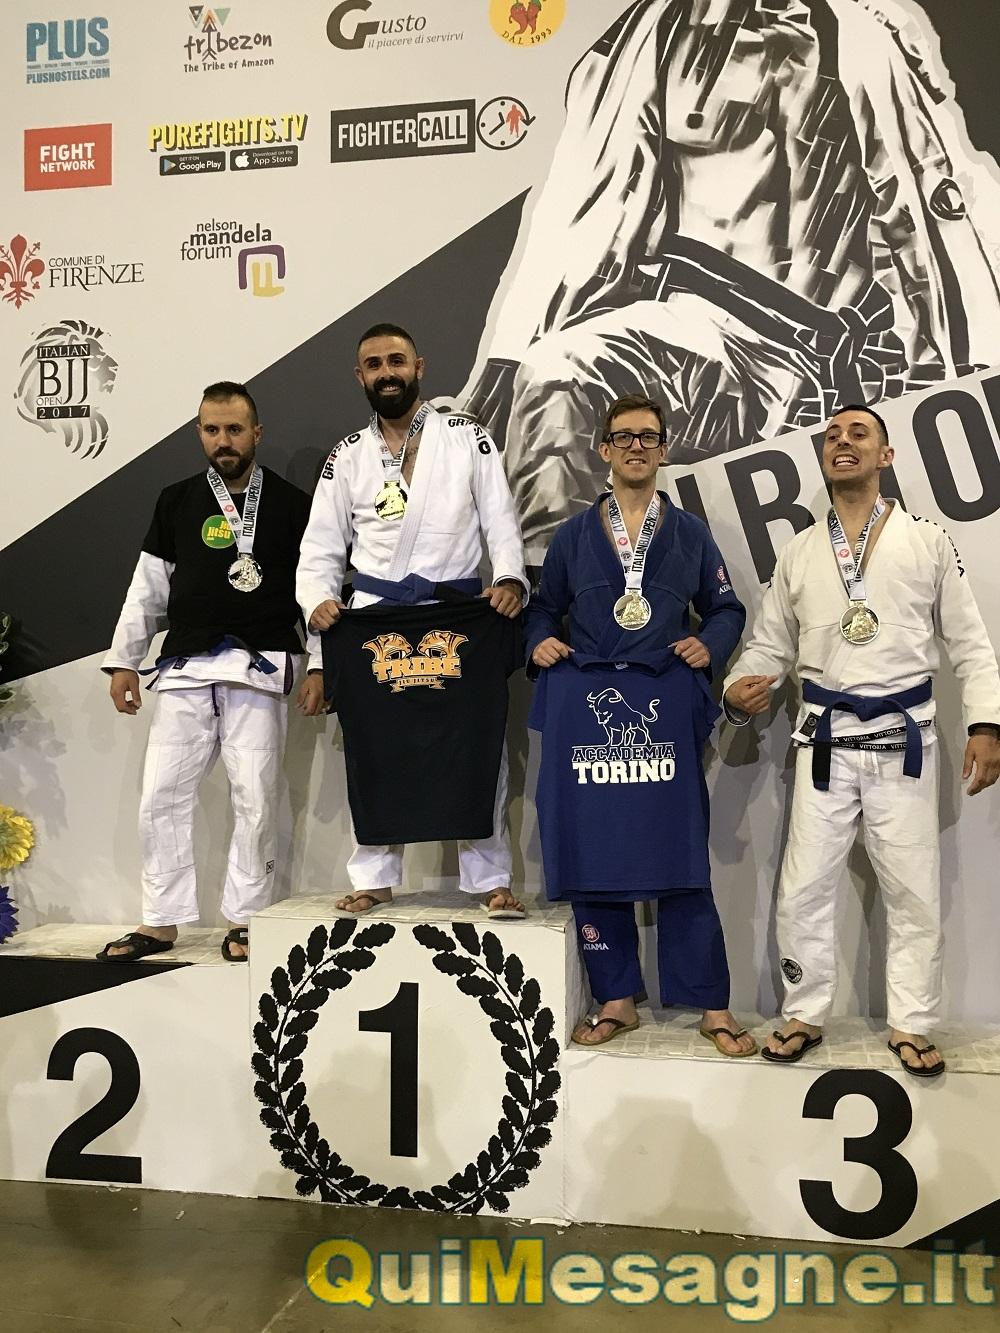 Il mesagnese Giuseppe Resta campione di Brazilian jiu jitsu